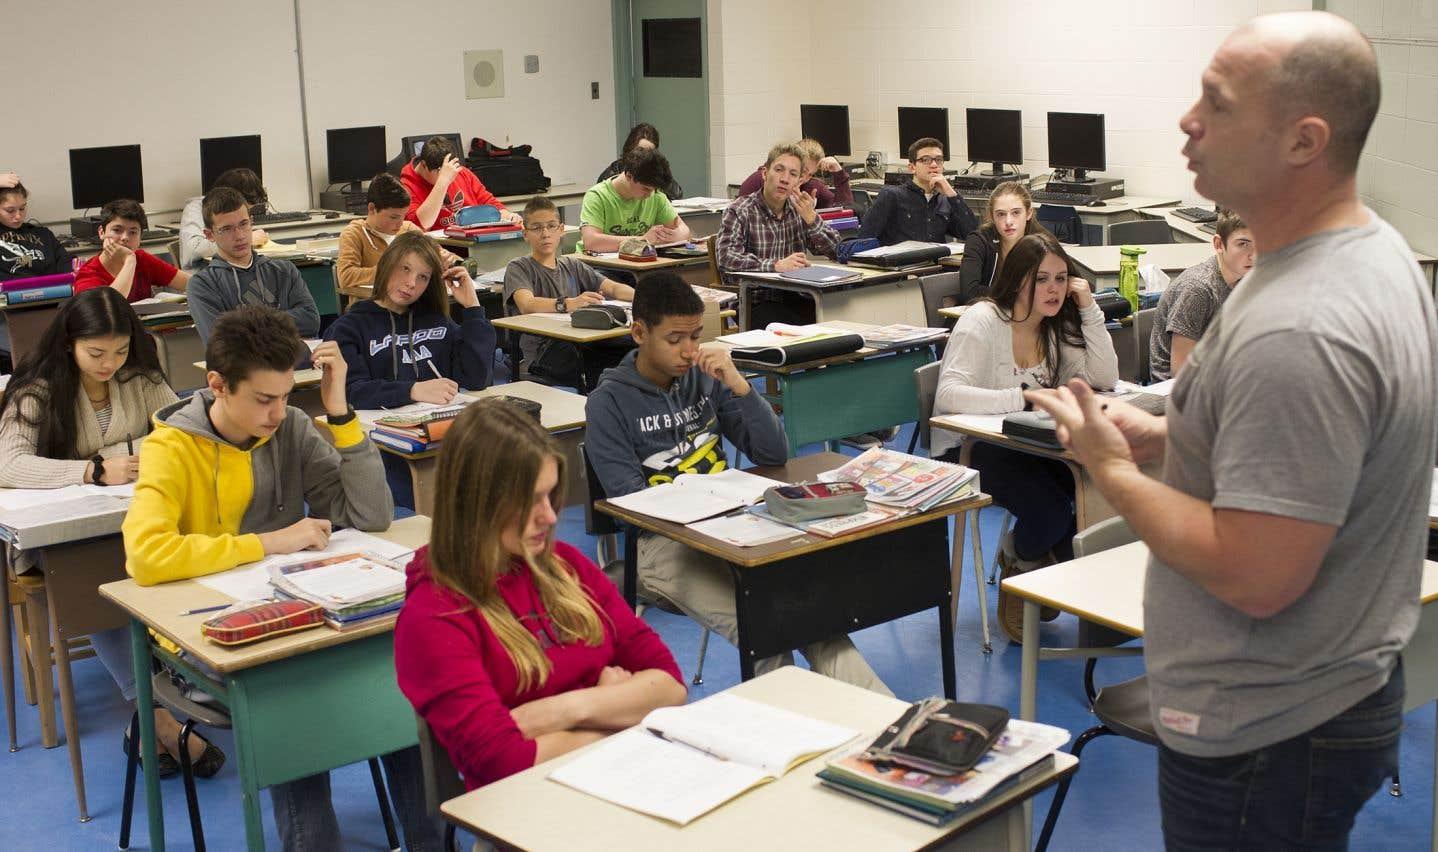 La présence de plus d'élèves crée le besoin pour plus de titulaires de classe.